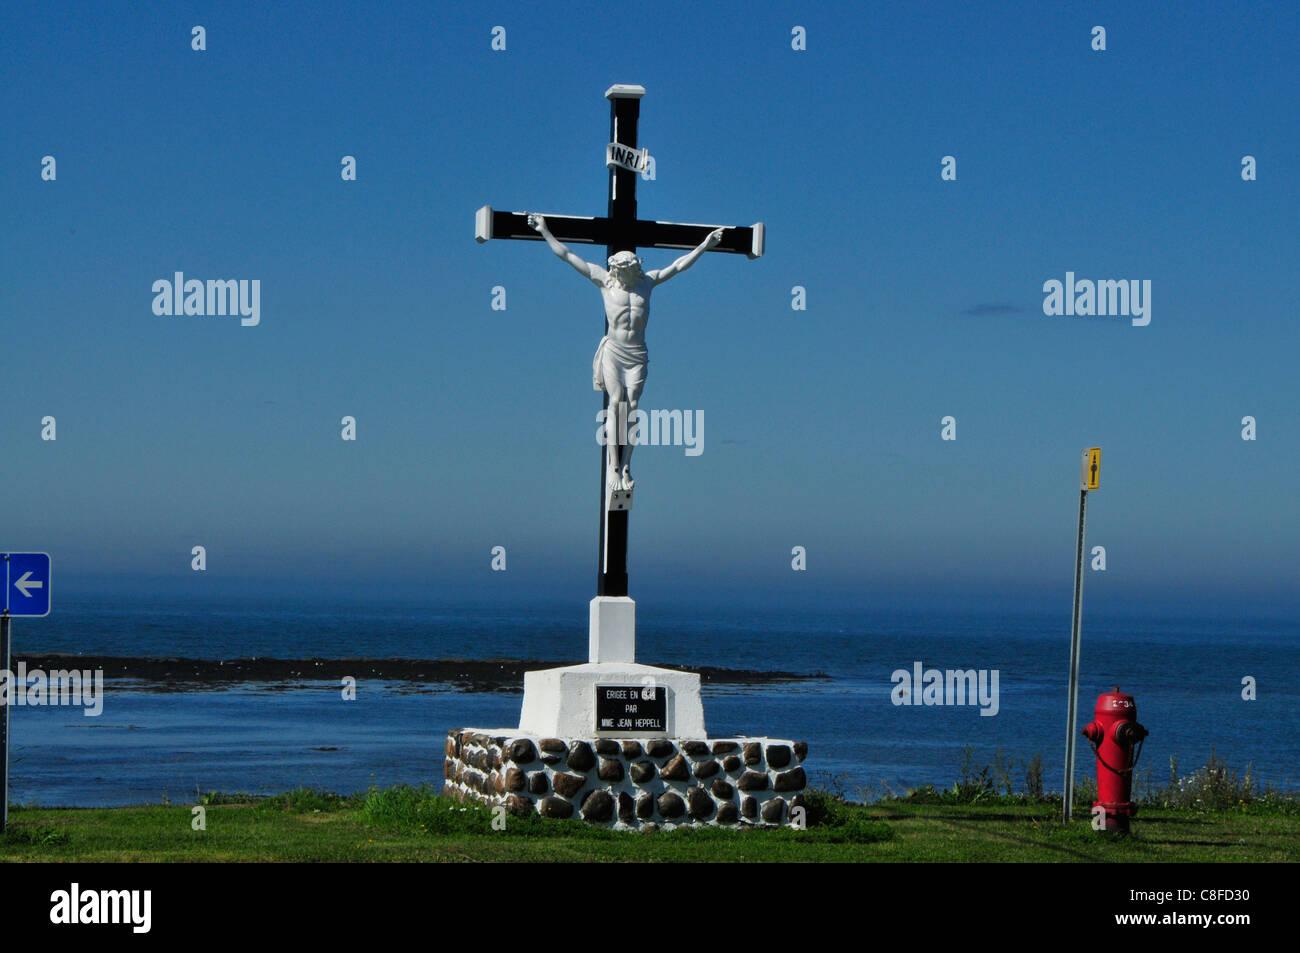 Ein am Wegesrand Kruzifix mit Blick auf die Küste der Region Saguenay von Quebec, Kanada. Stockbild